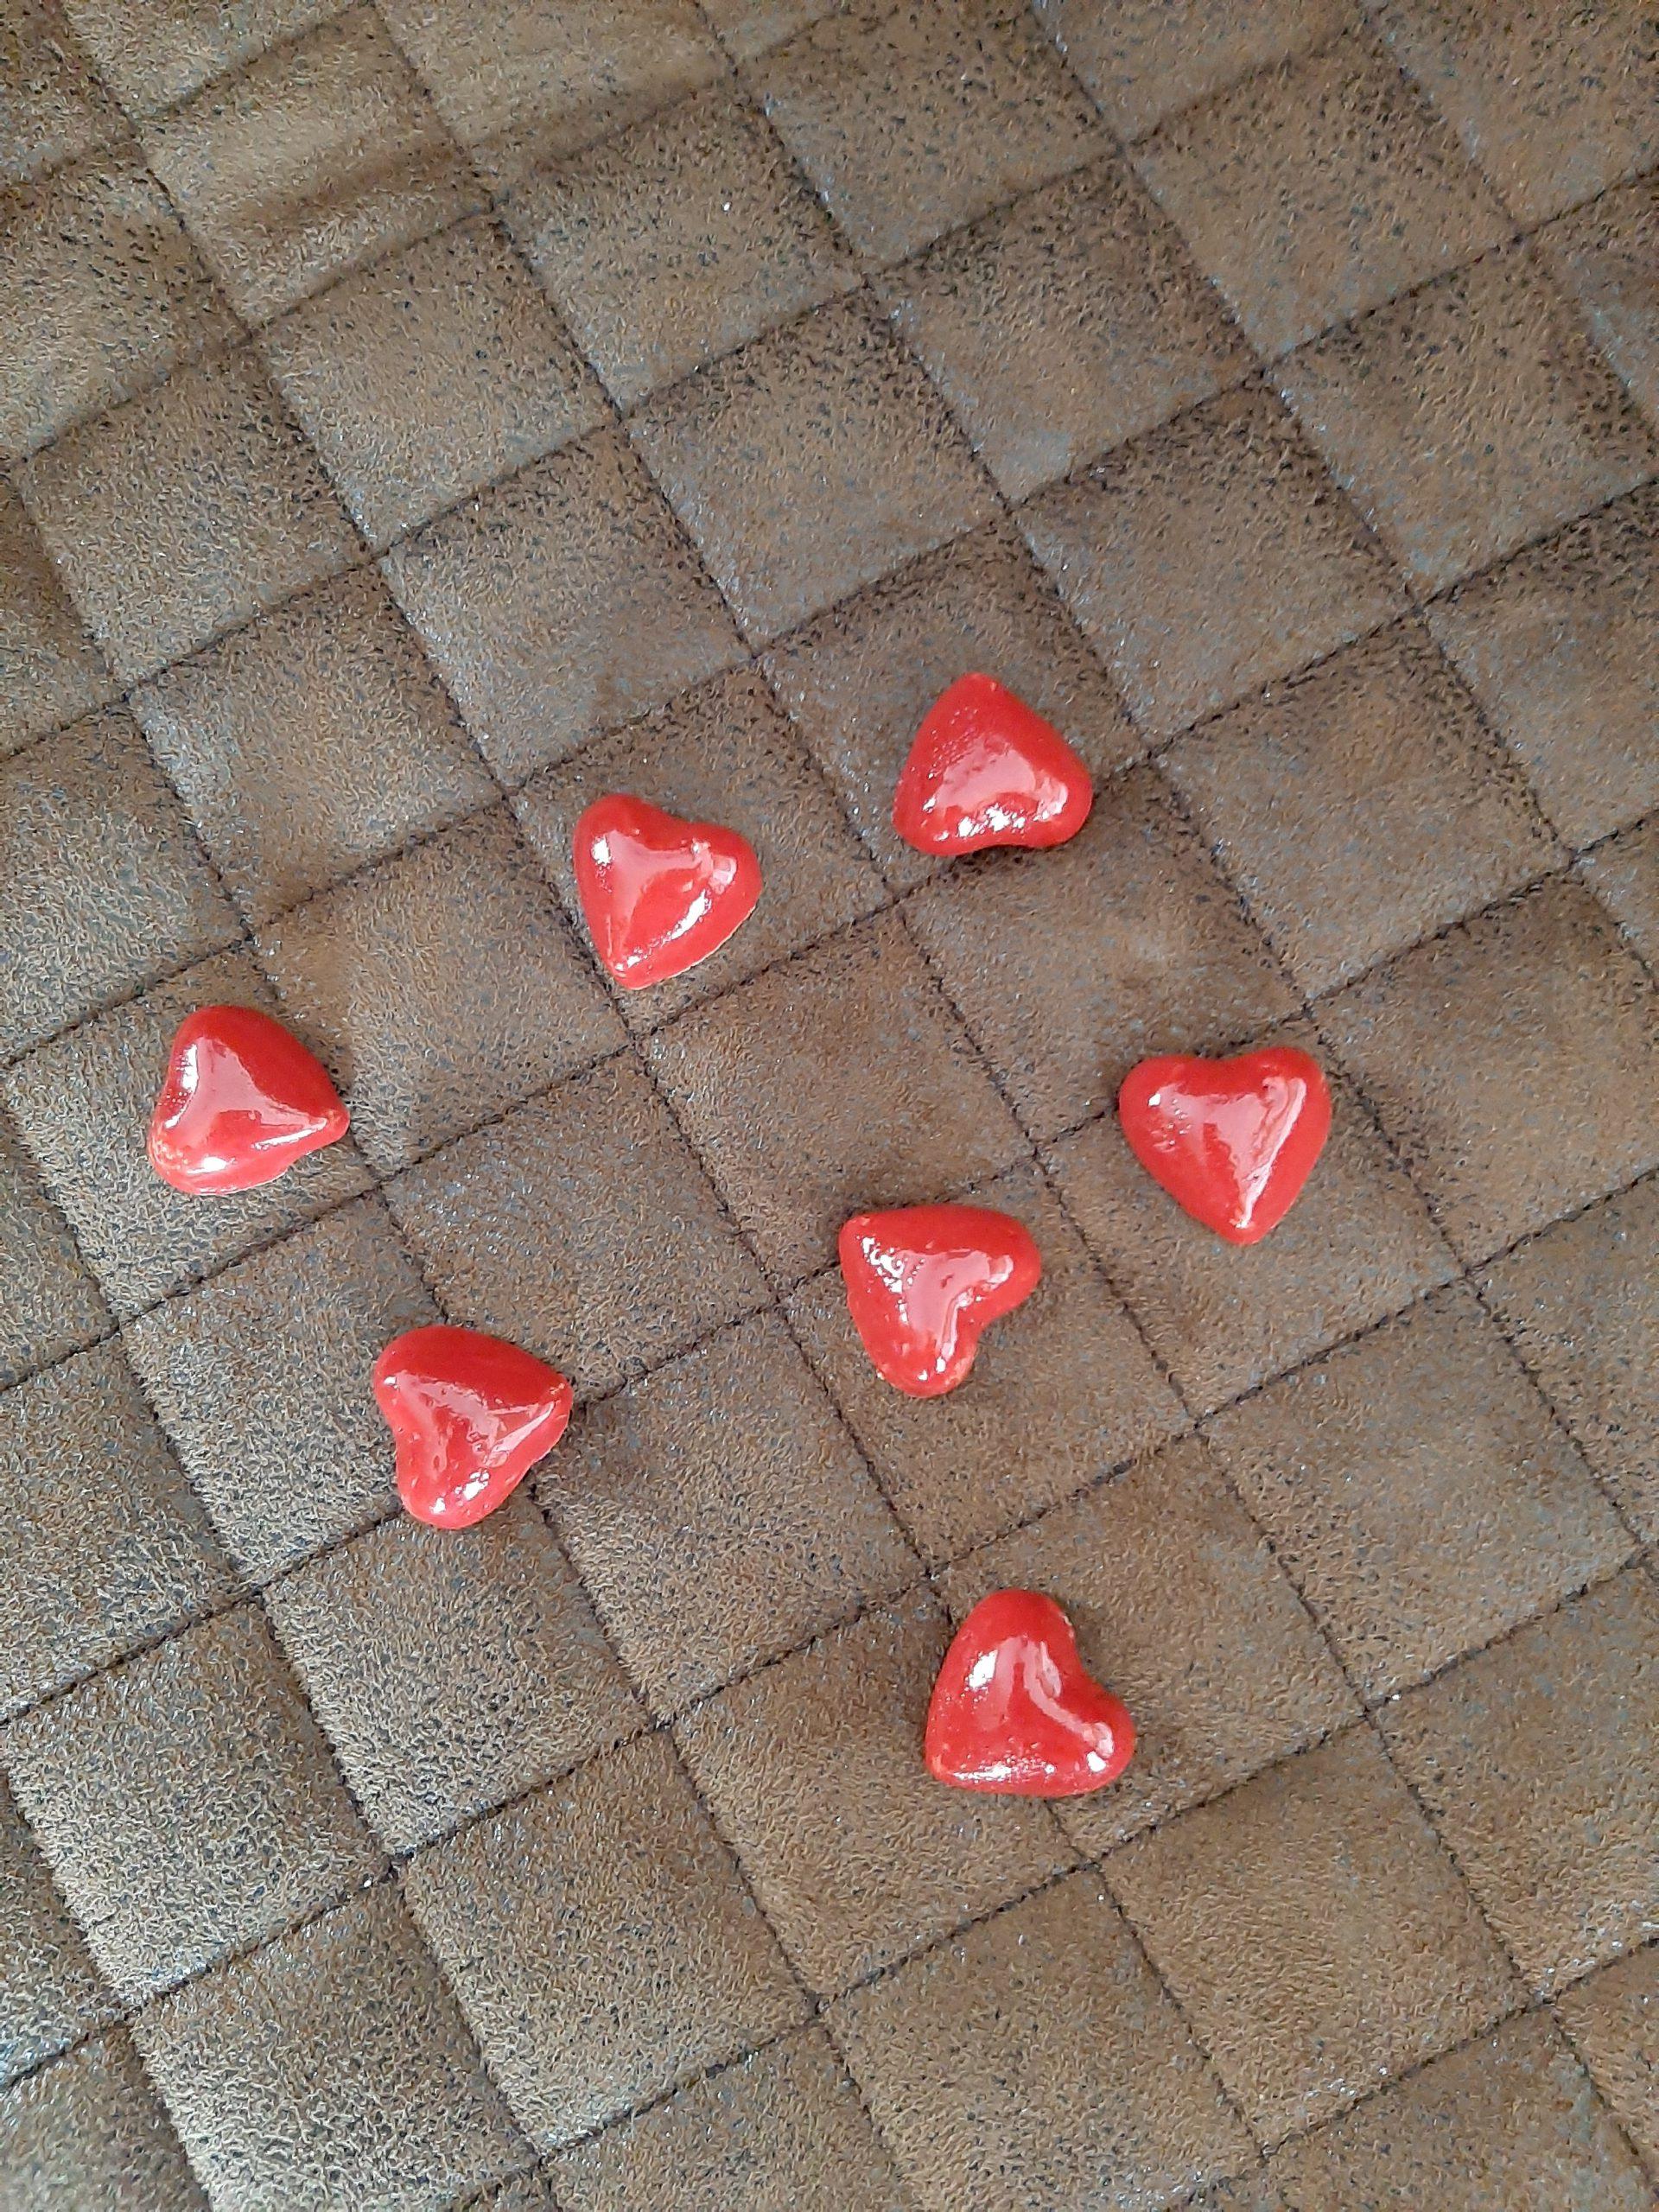 kleine rote Herzchen, individuelle Deko für alle Anlässe, im Herzen von Augsburg, Tonkreationen, KeraMik von Herz zu Herz, Originelles, Individuelle Geschenke, tägliche Motivation, wundervolle Handarbeit